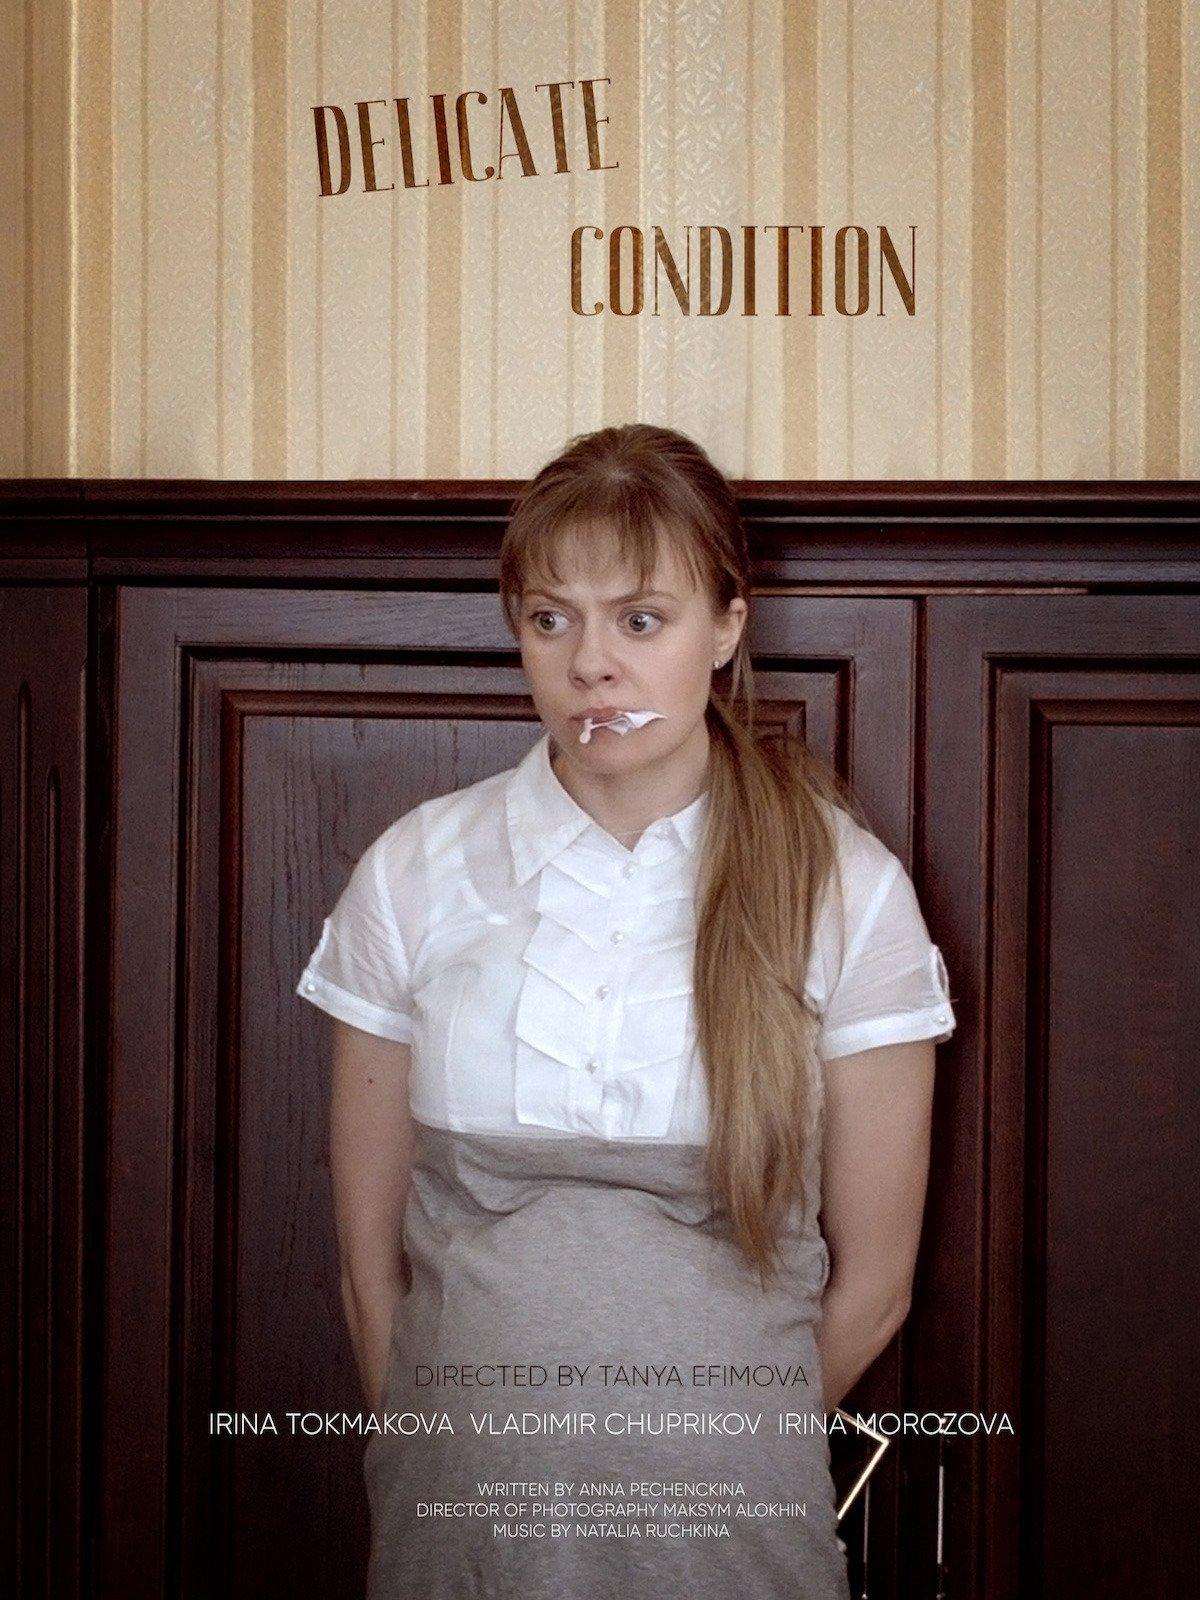 Delicate Condition